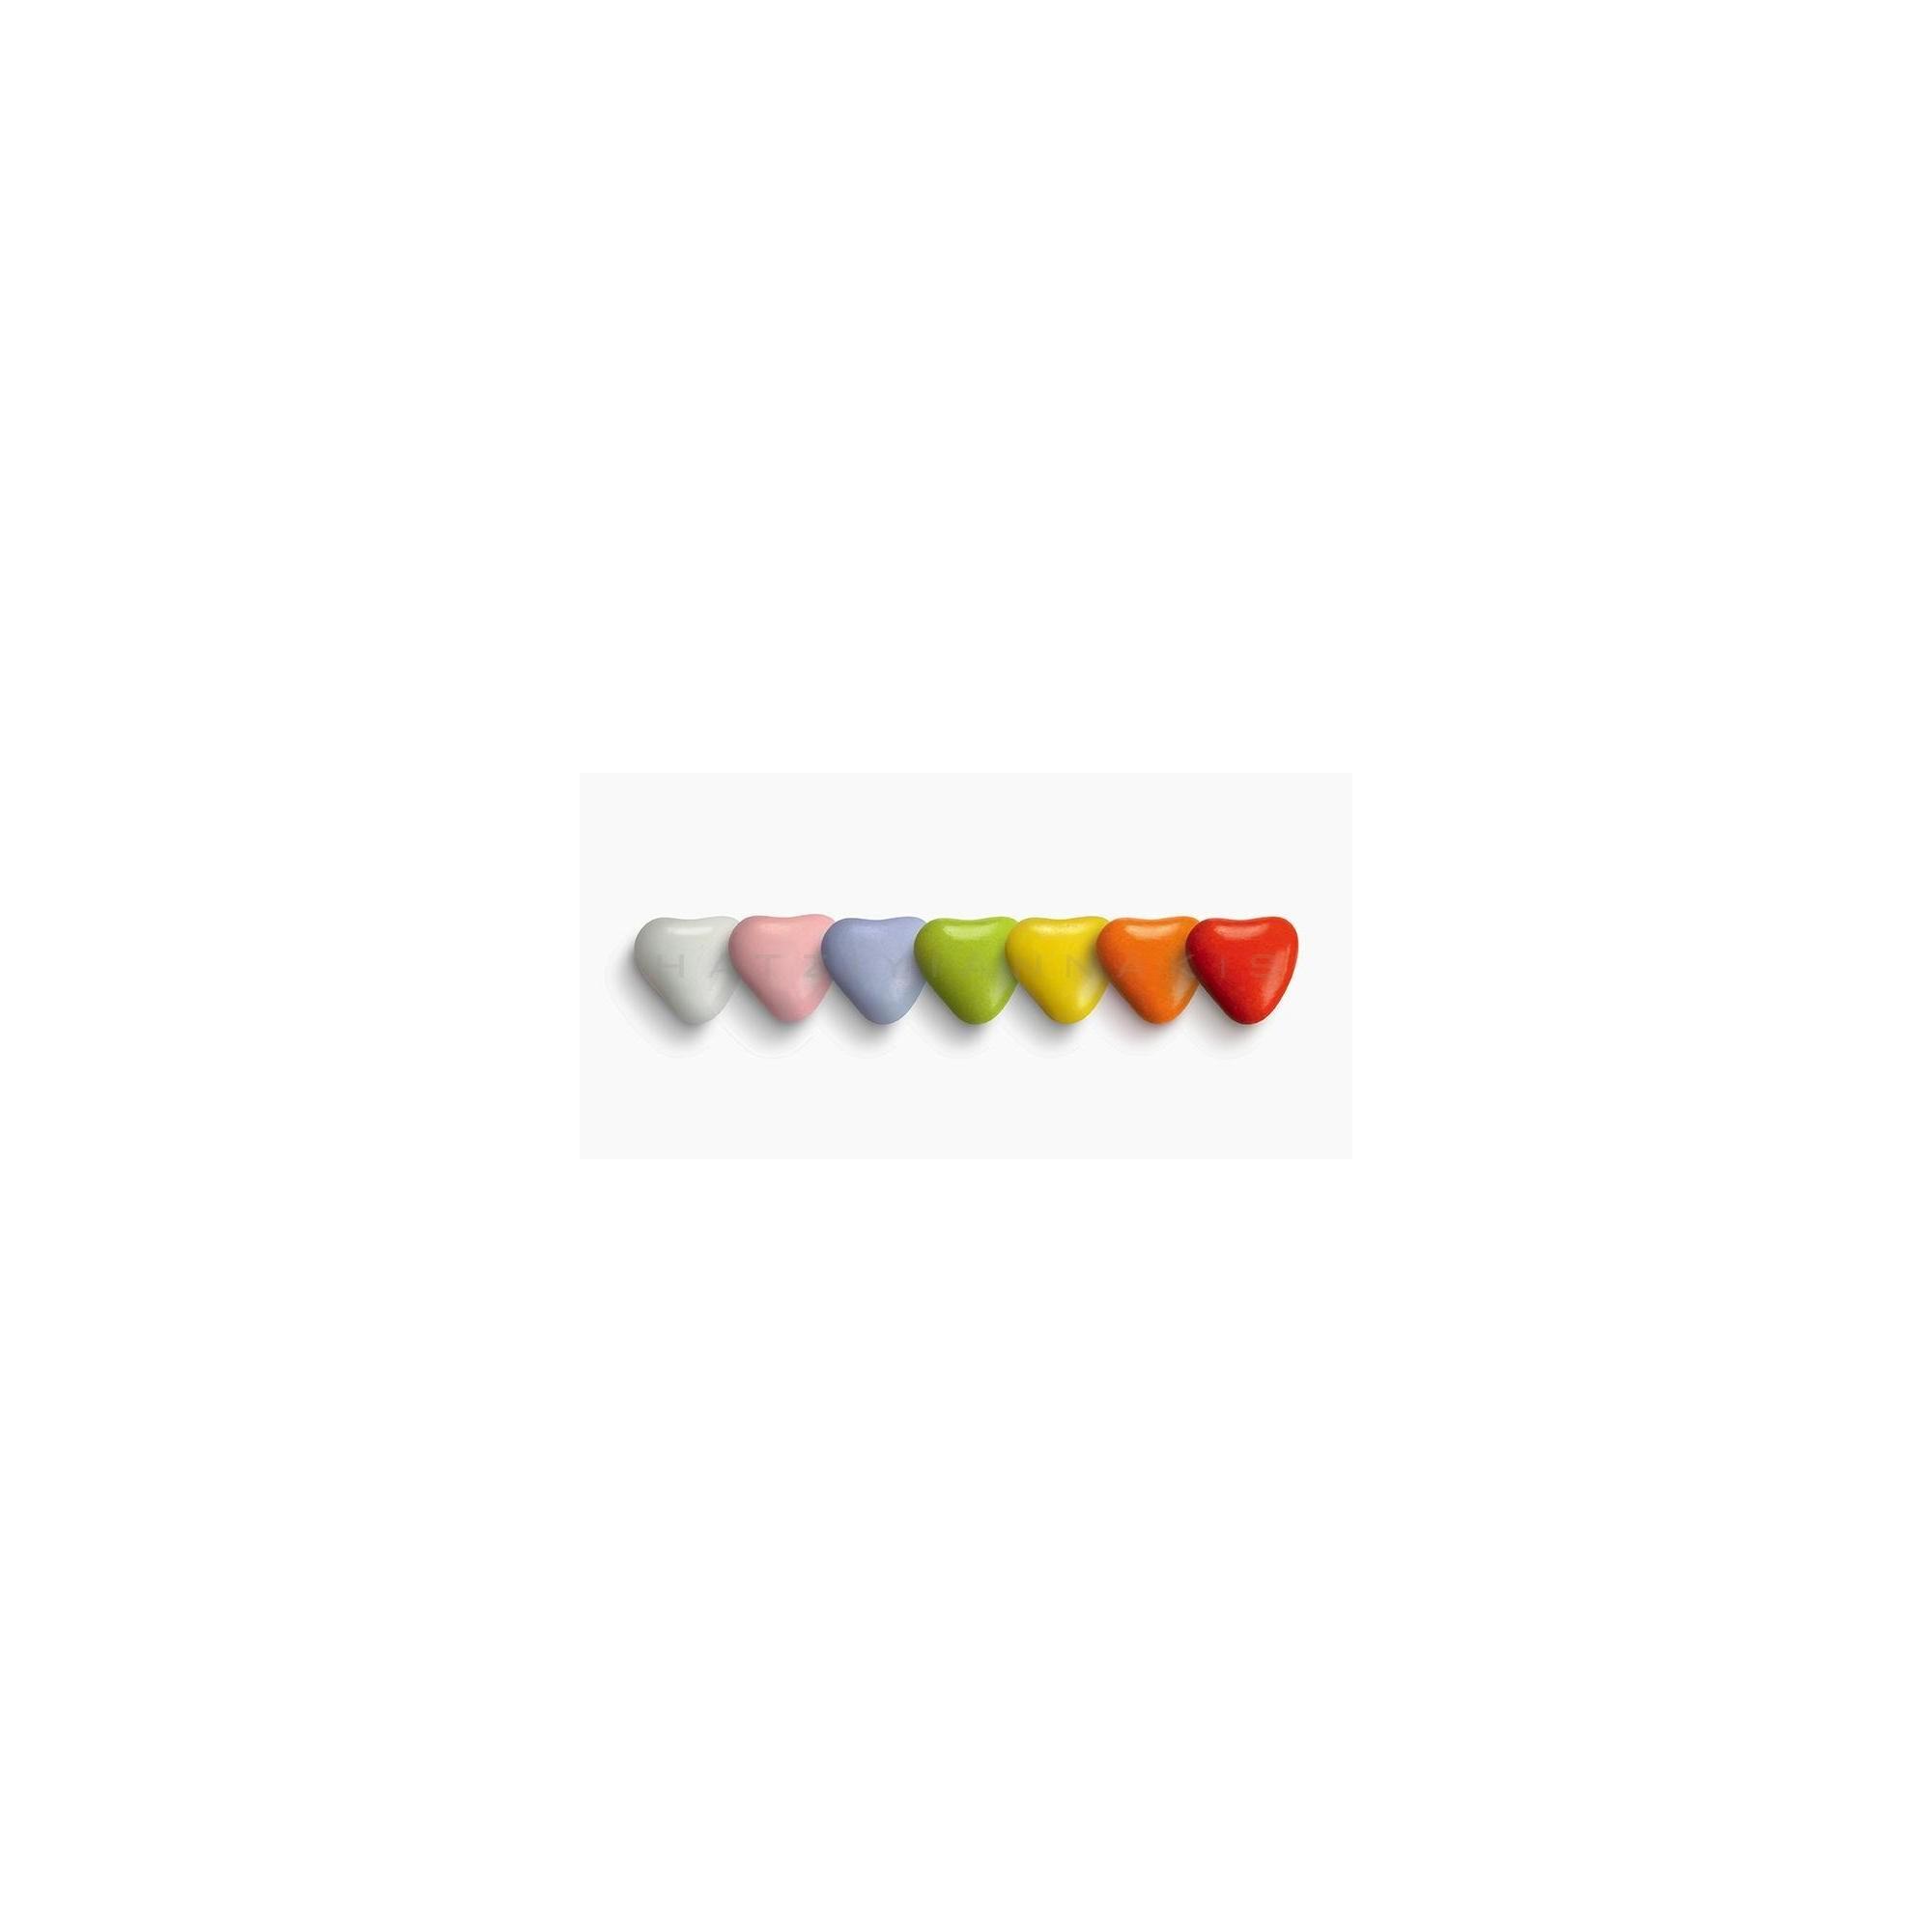 Κουφέτο Σοκολάτας Καρδουλίτσα Πολύχρωμη - LWG-X1251